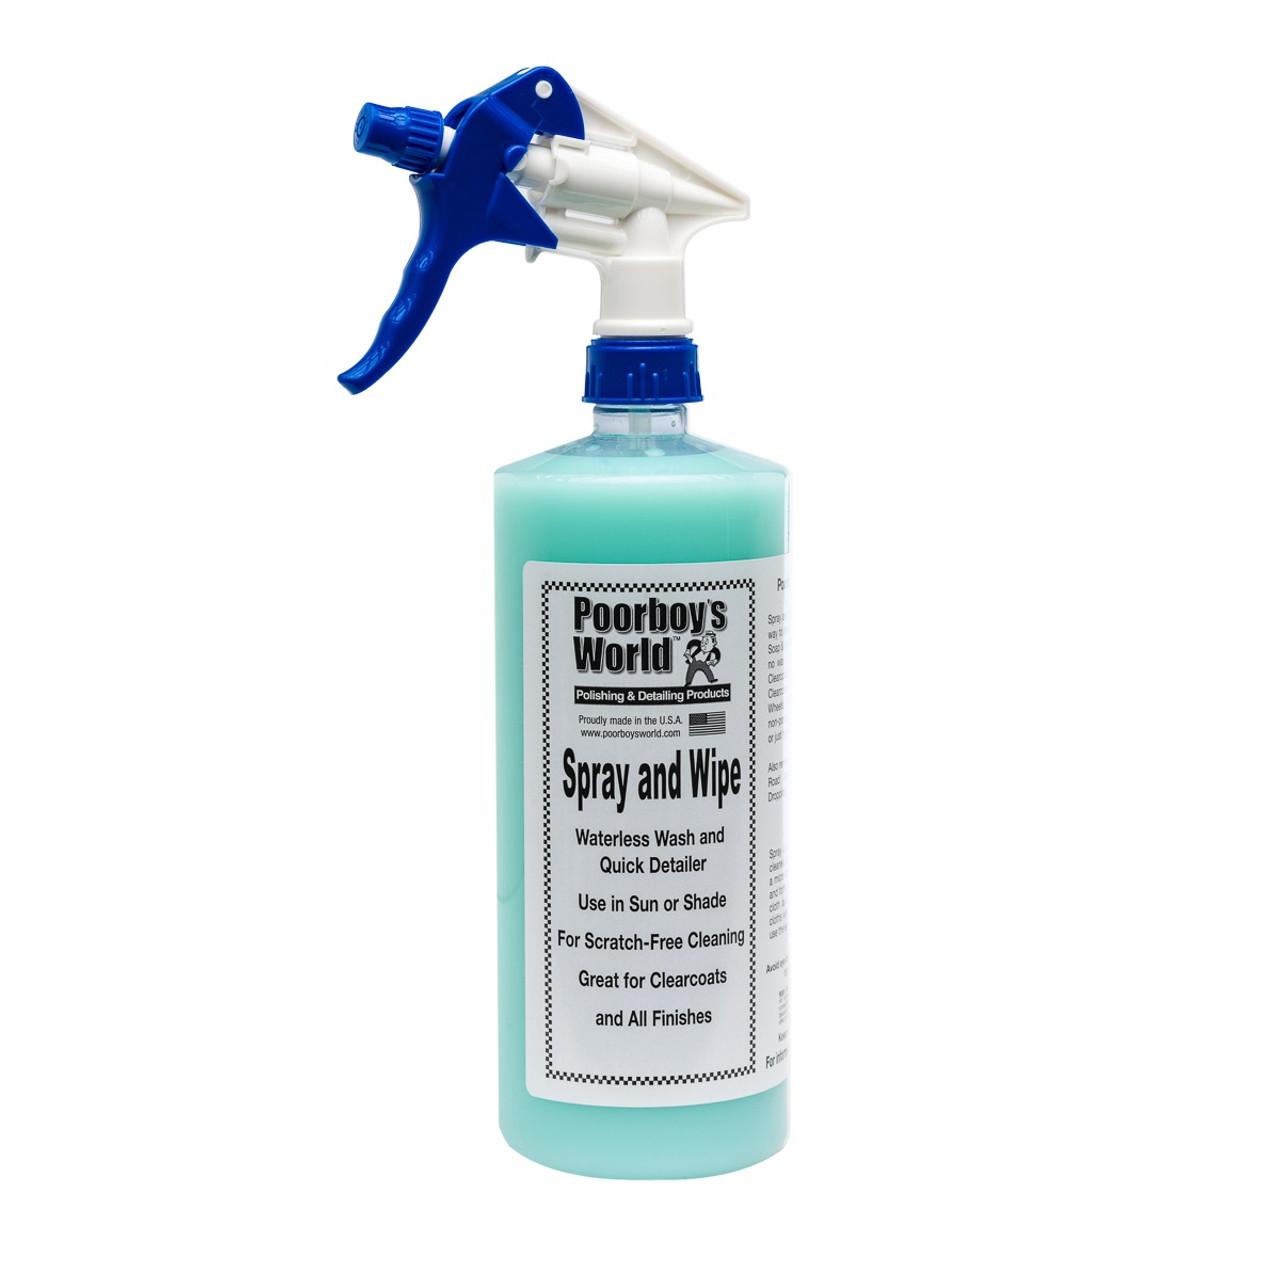 Poorboy's World Spray and Wipe 32oz w/Sprayer